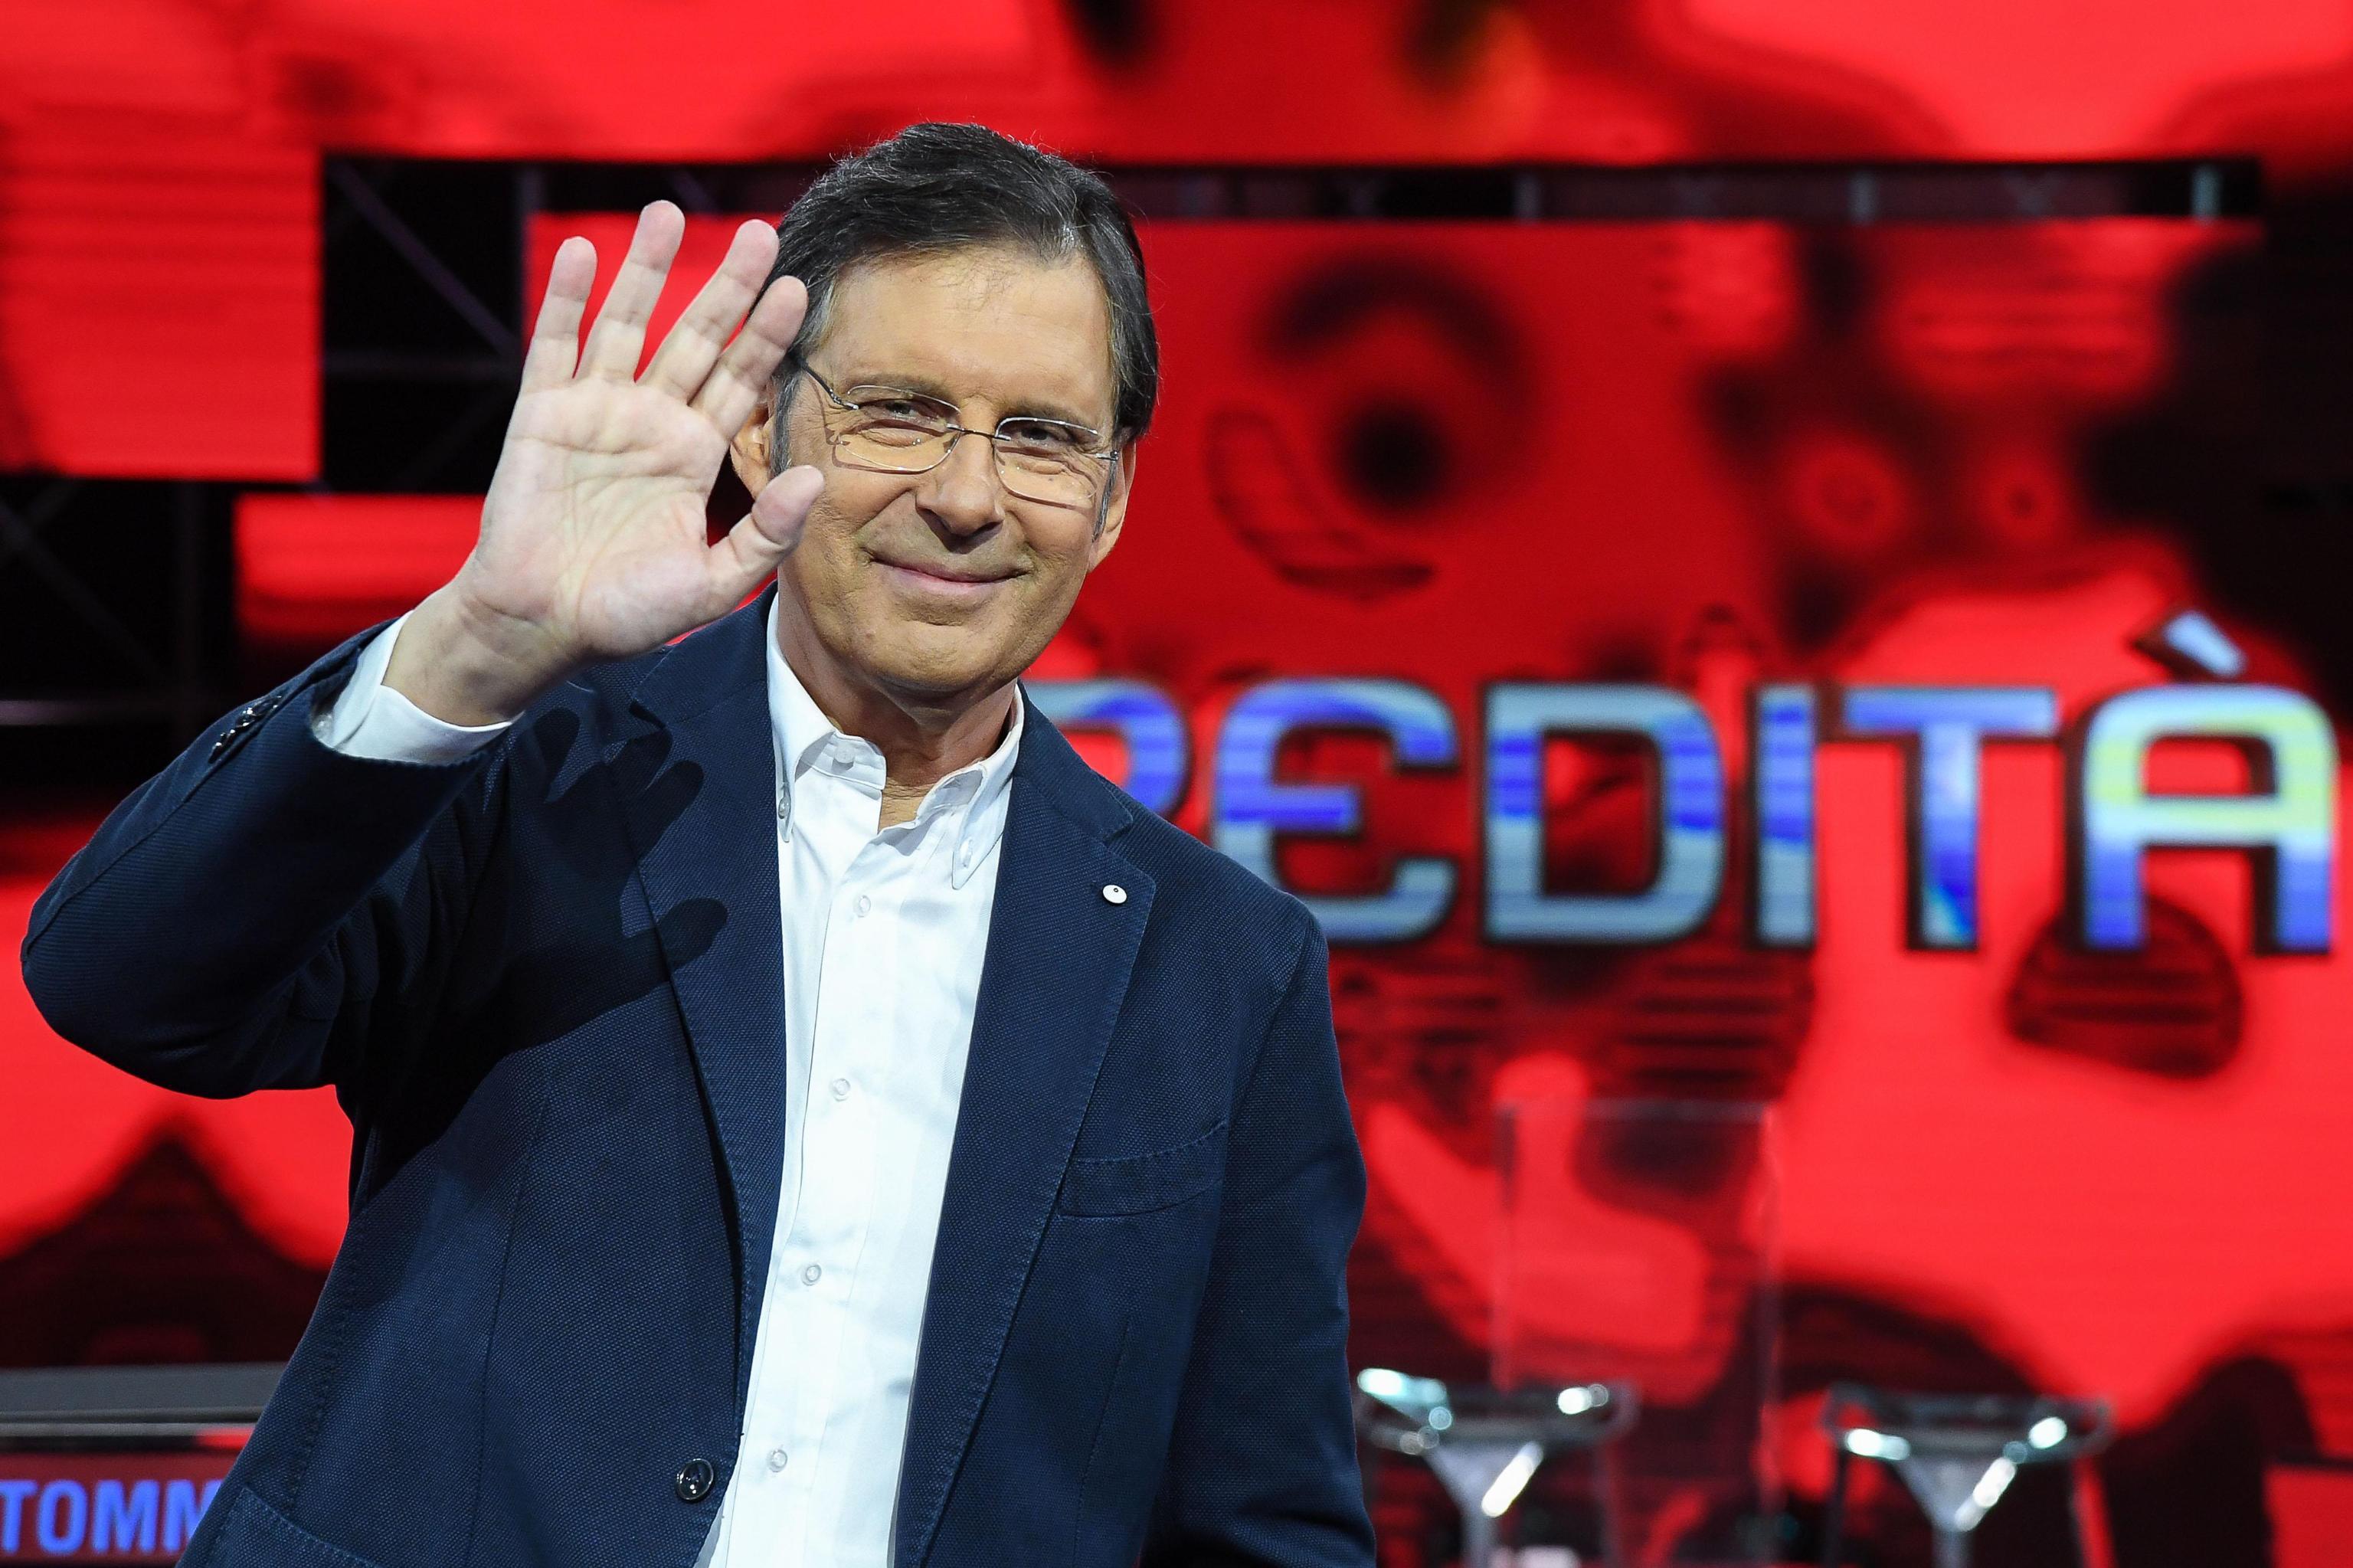 Morto Fabrizio Frizzi a 60 anni: ci ha lasciato l'eterno ragazzo della TV